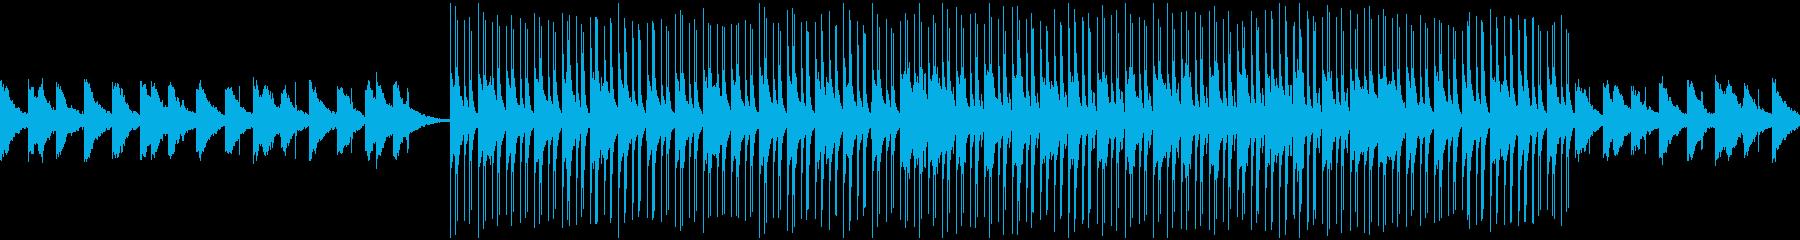 Slowなディープハウス系のループの再生済みの波形